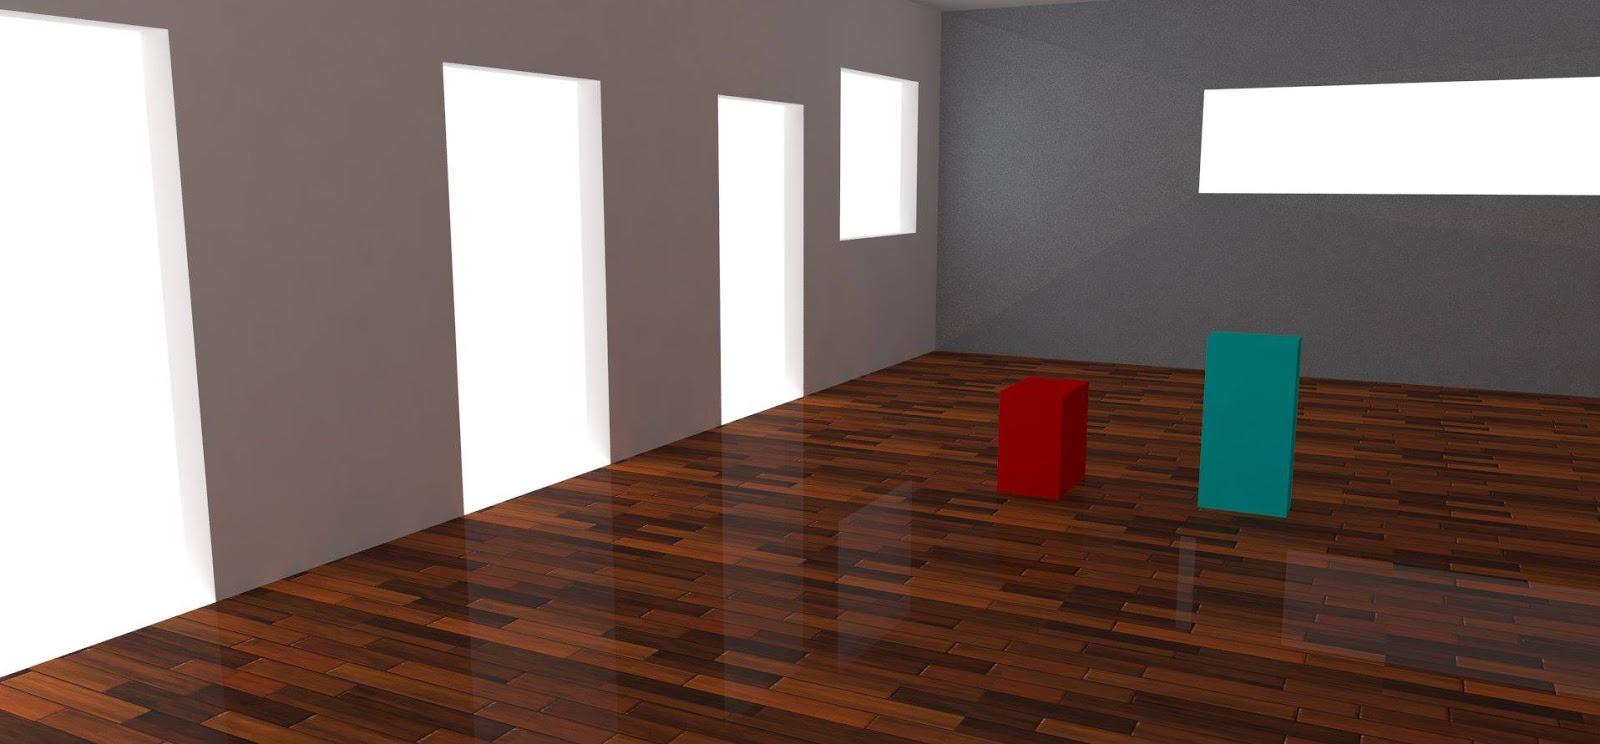 Bindack arquitectura digital portafolio renders de for Iluminacion de piso